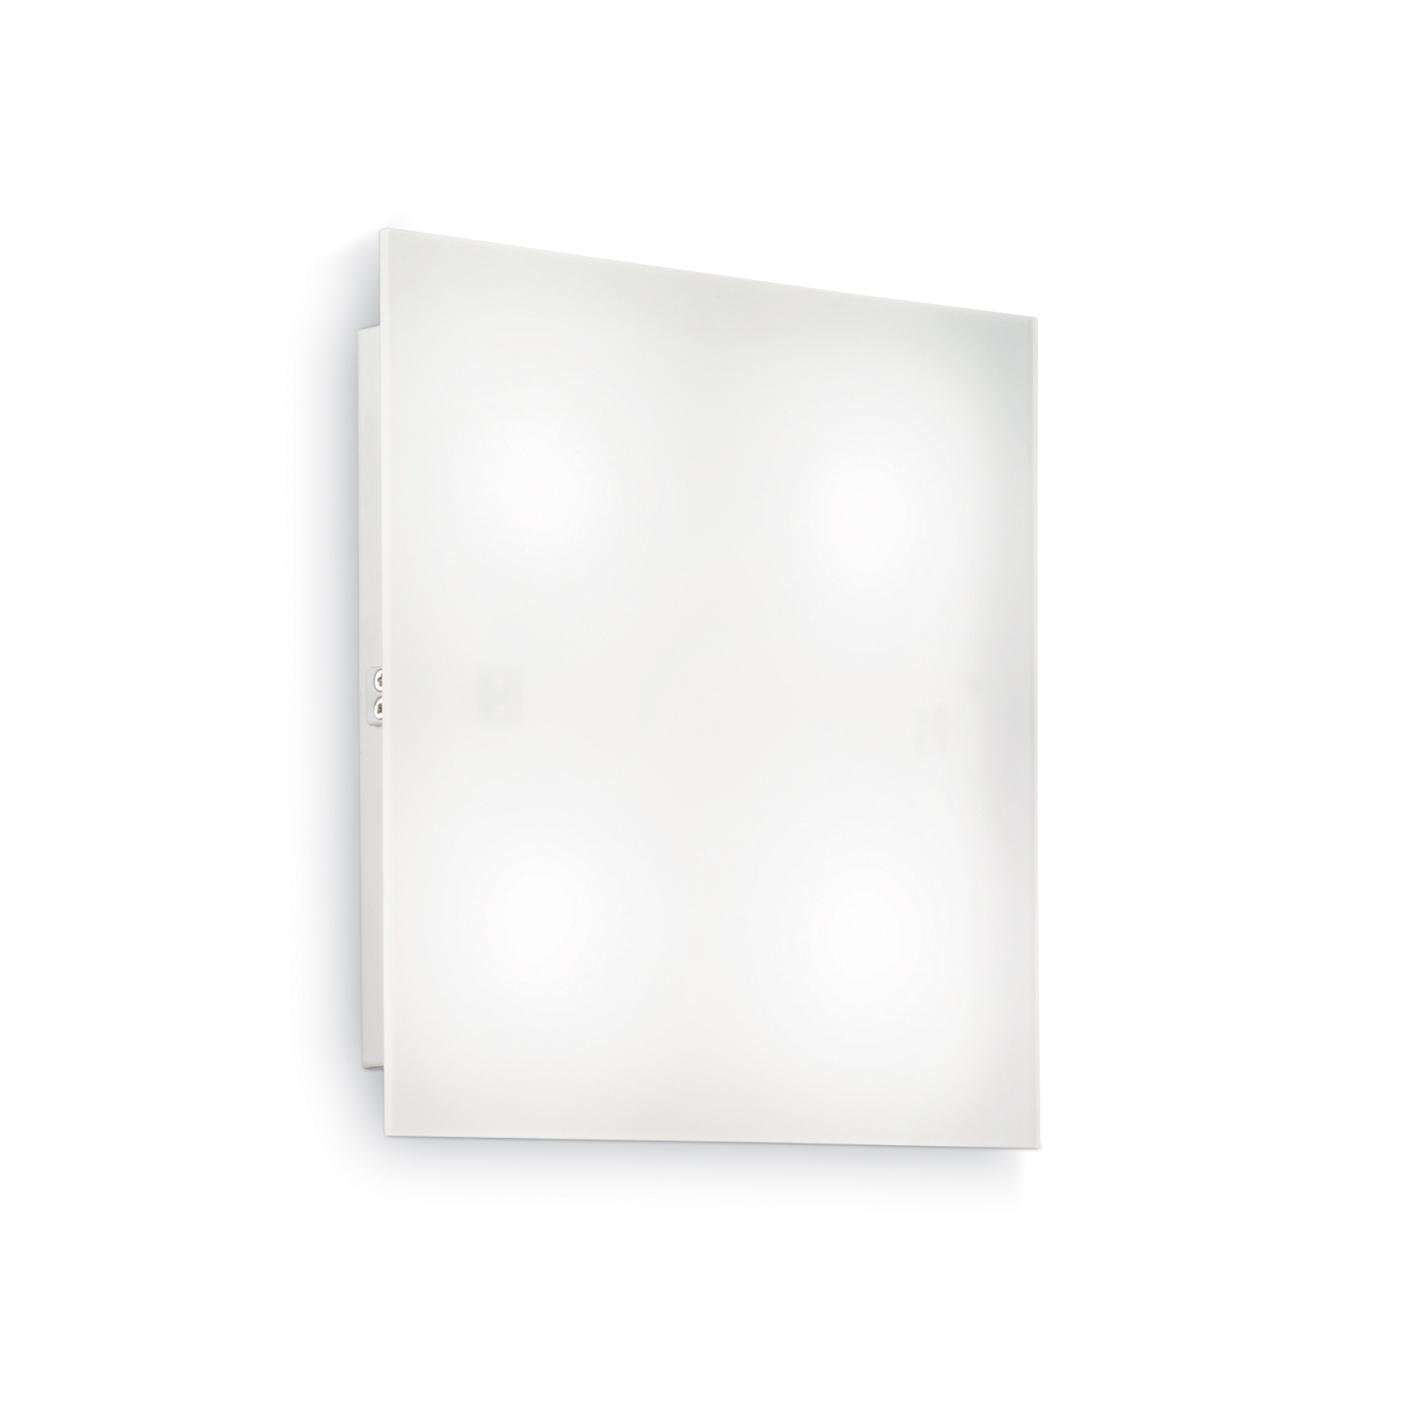 Ideal Lux IL 134901 FLAT PL4 svítidlo + 3 roky záruka ZDARMA!